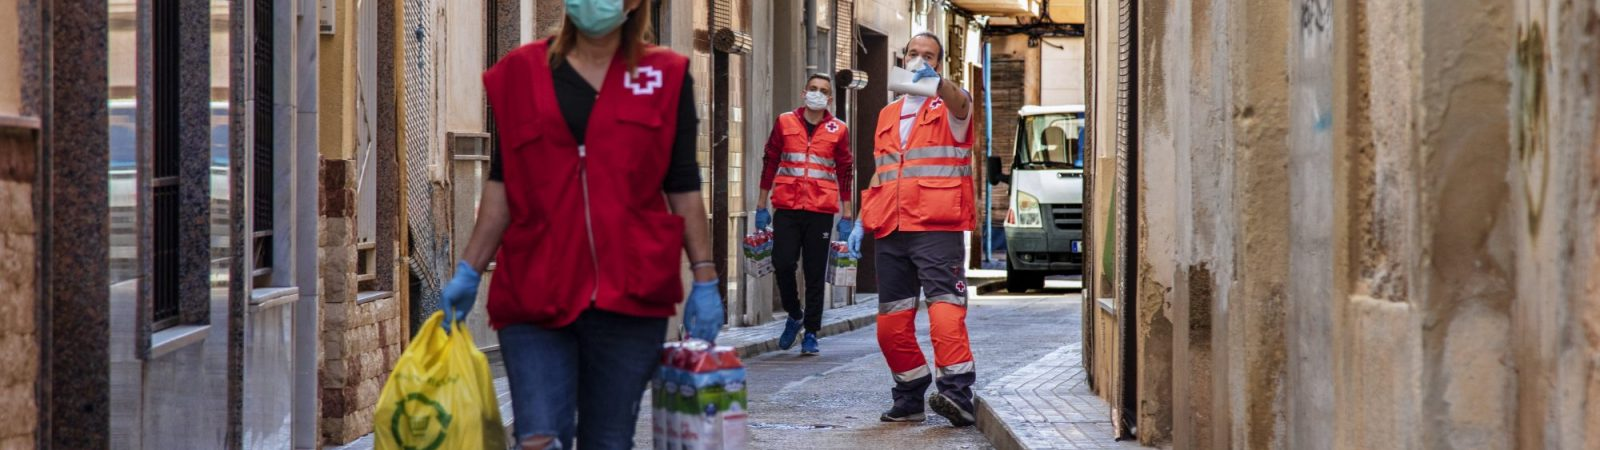 Suez España ha colaborado con el programa Cruz Roja Responde, lanzado para apoyar en la crisis de la pandemia